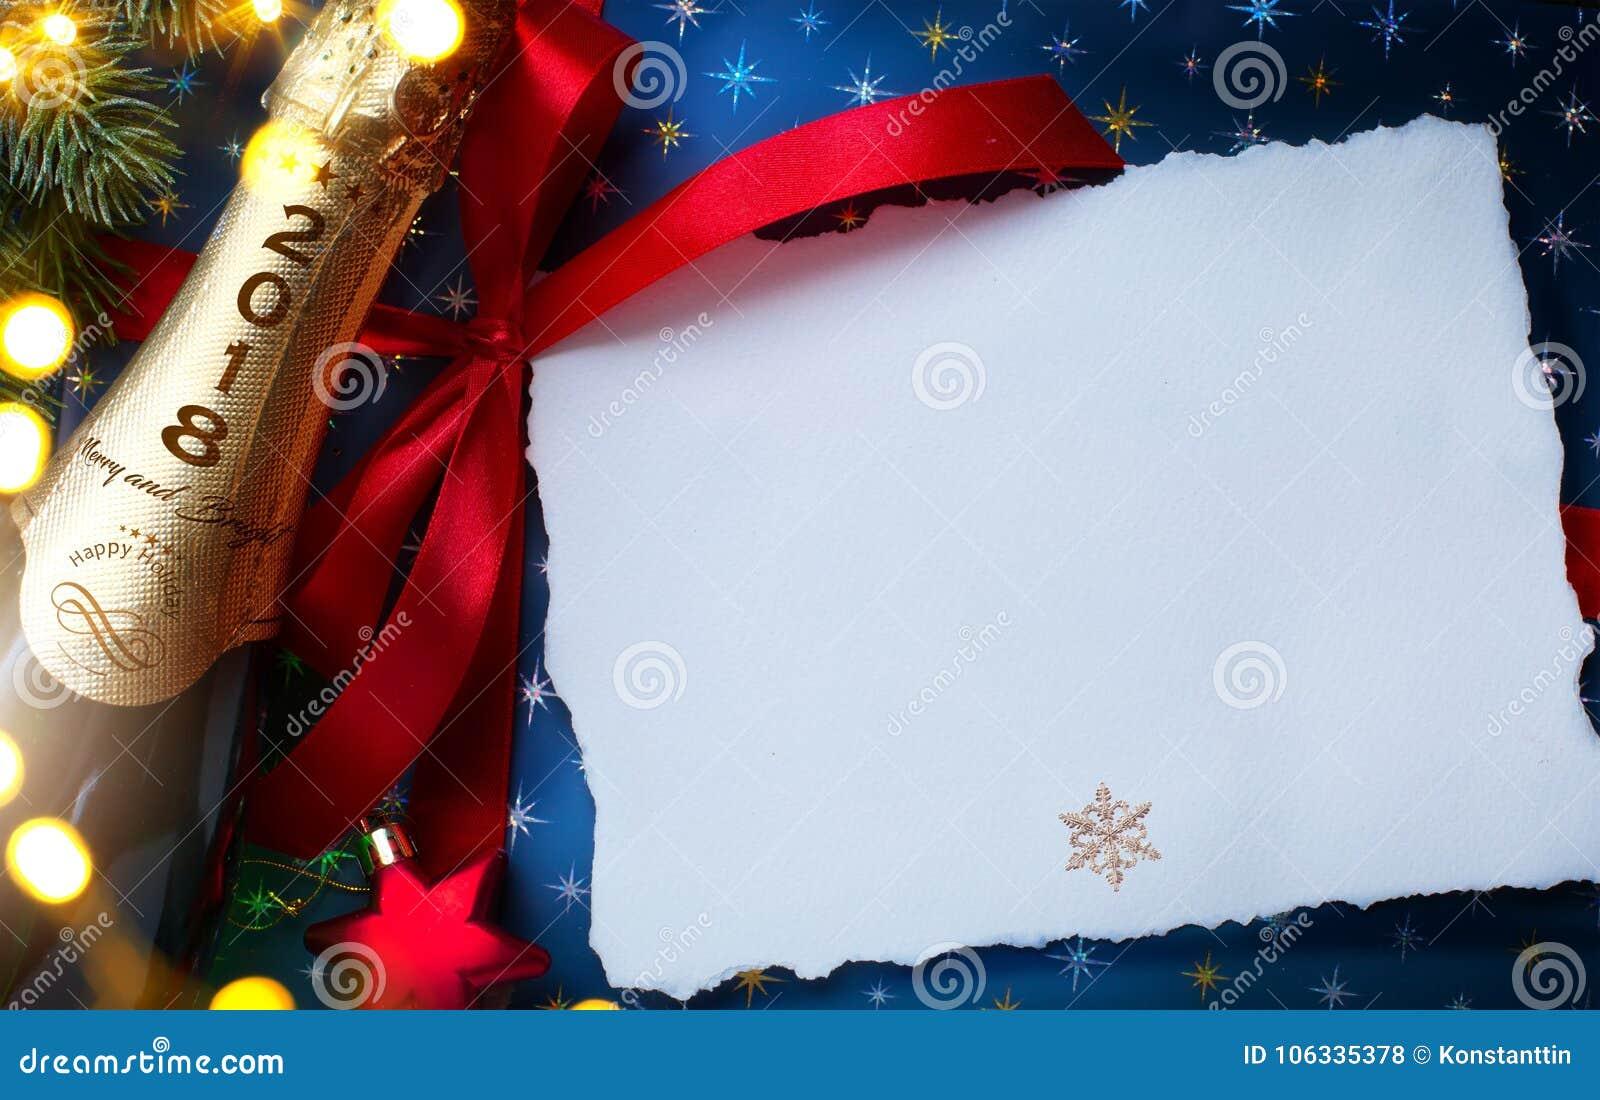 2018; Glad jul och lyckligt nytt år; festlig partibackgrou